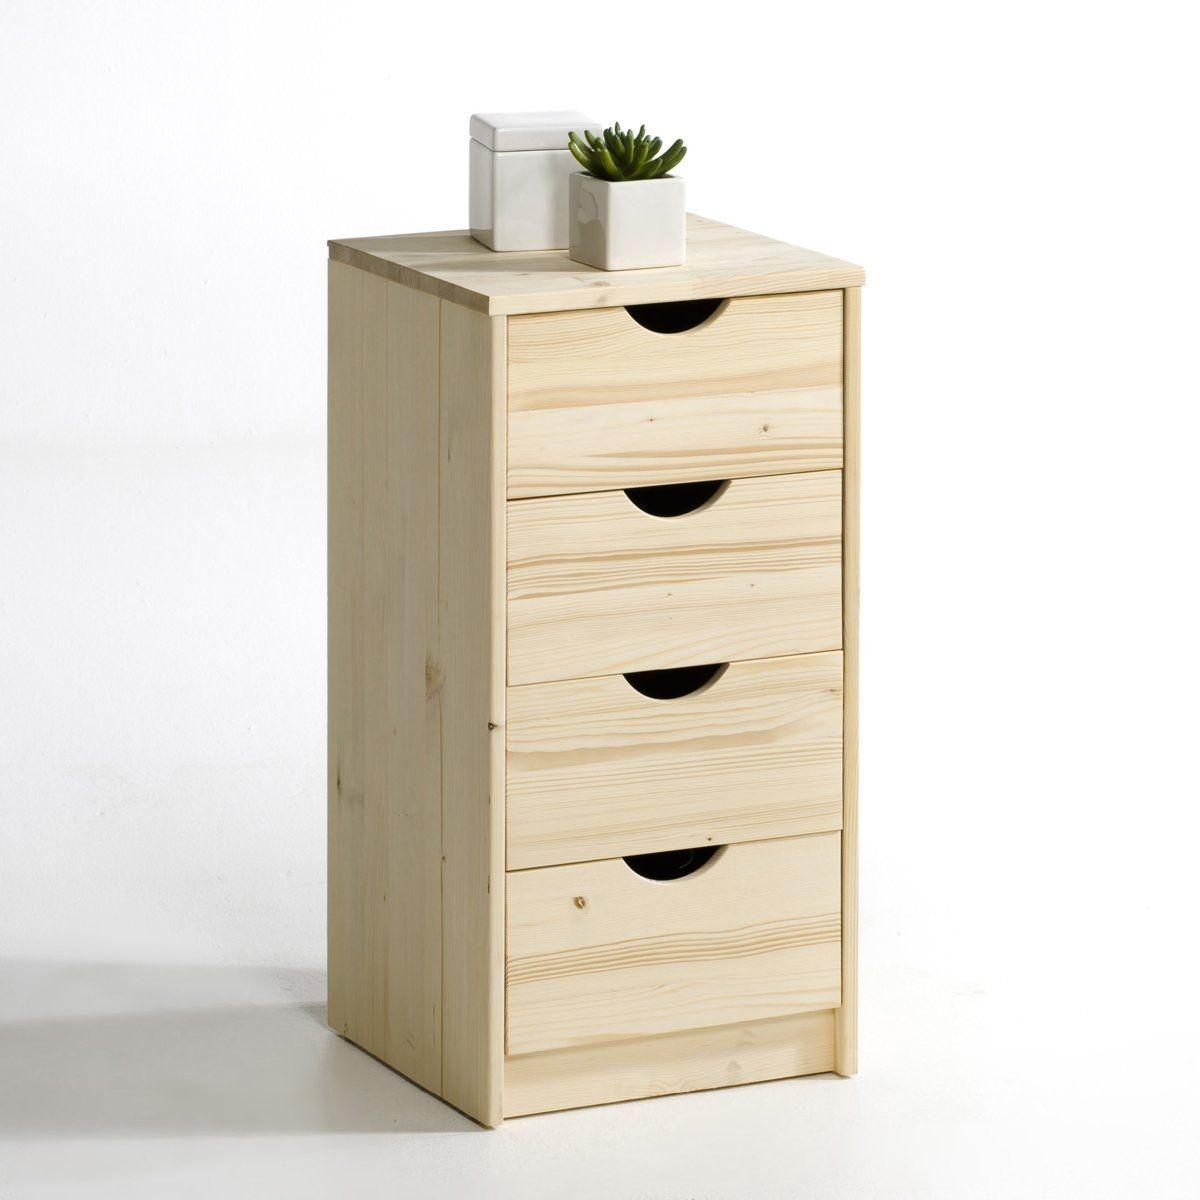 chiffonnier enfant. Black Bedroom Furniture Sets. Home Design Ideas